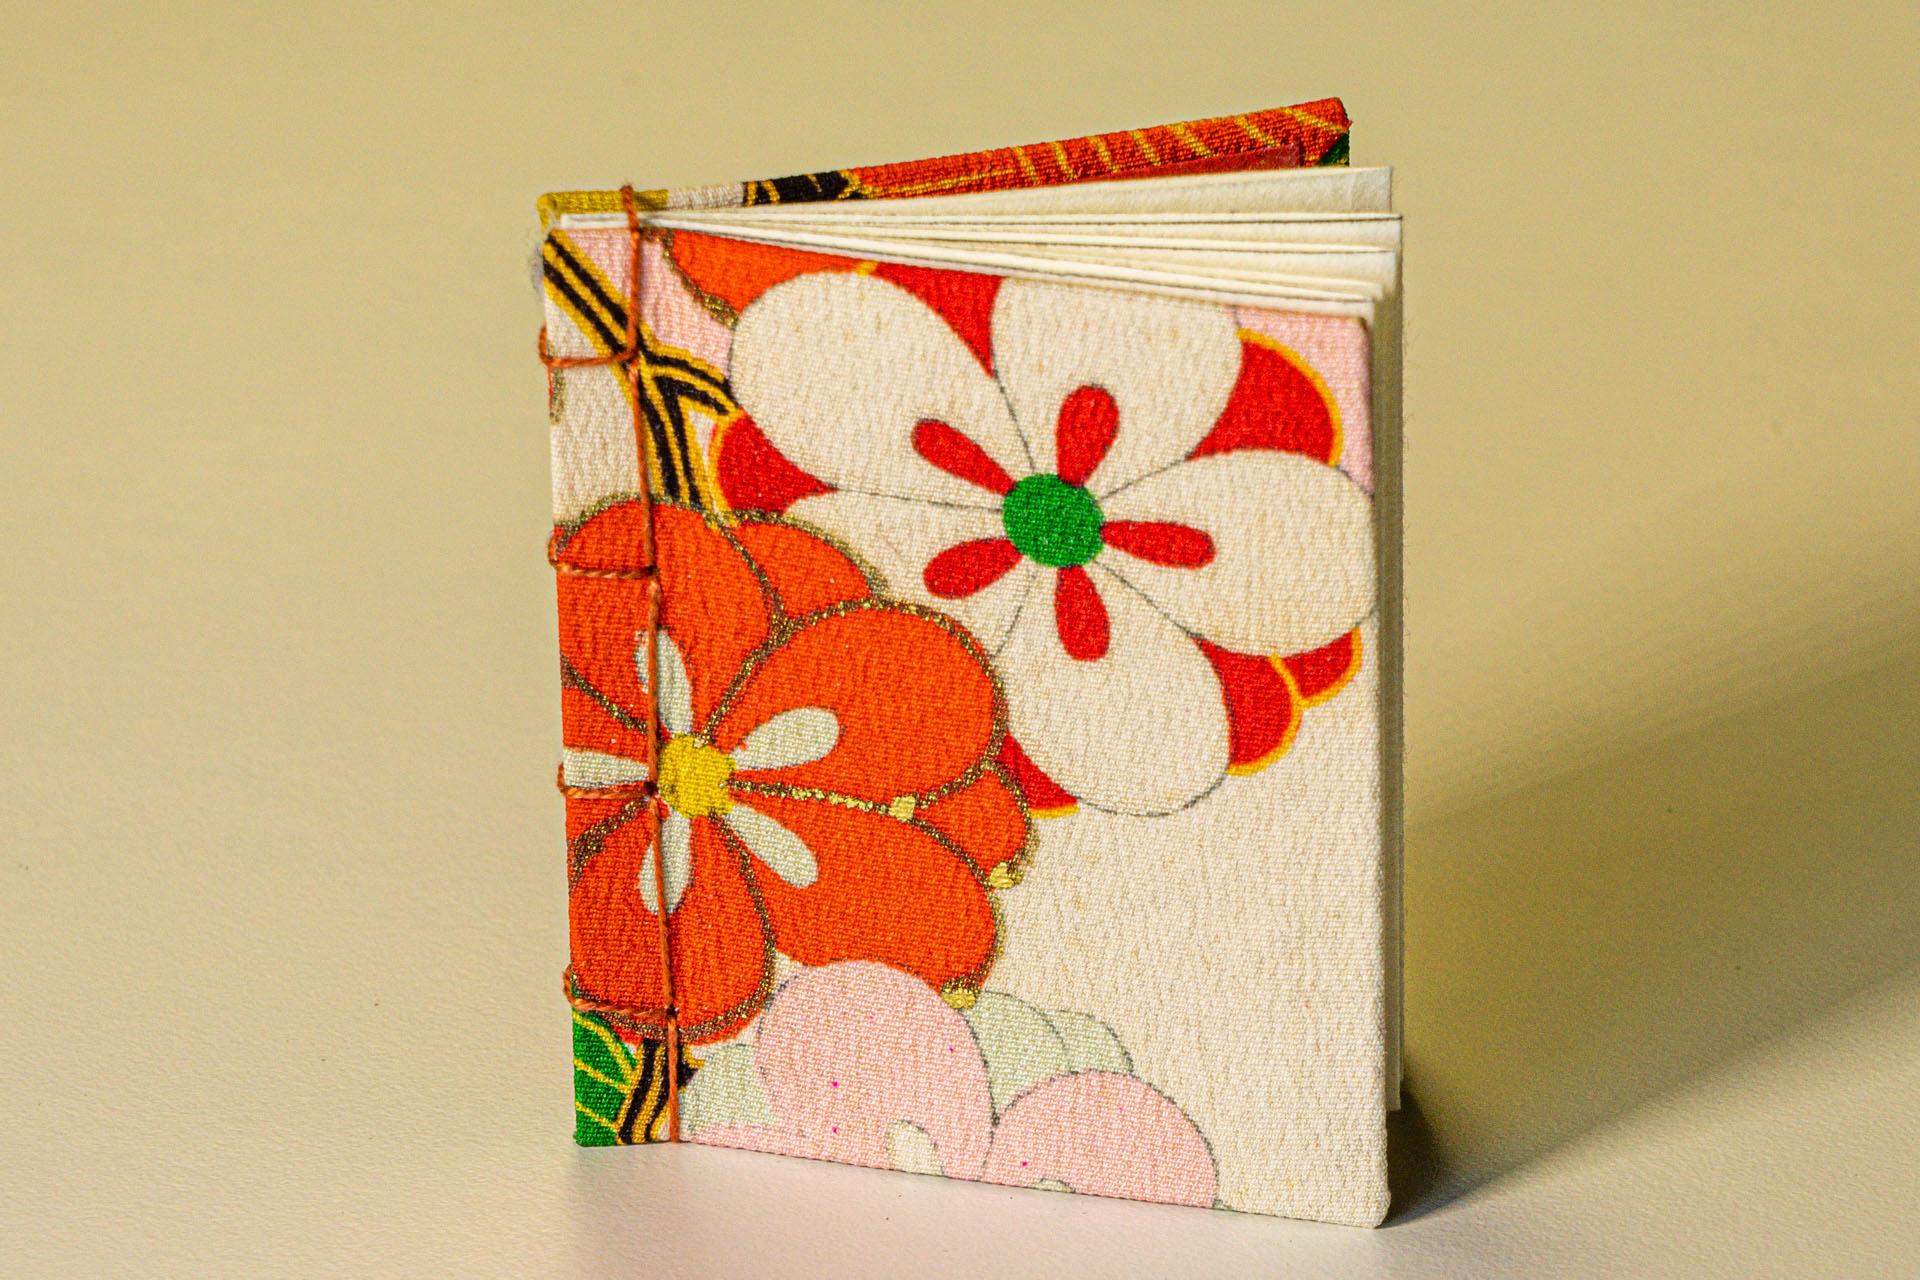 Bernadette-Castor-Kimono-Stab-binding